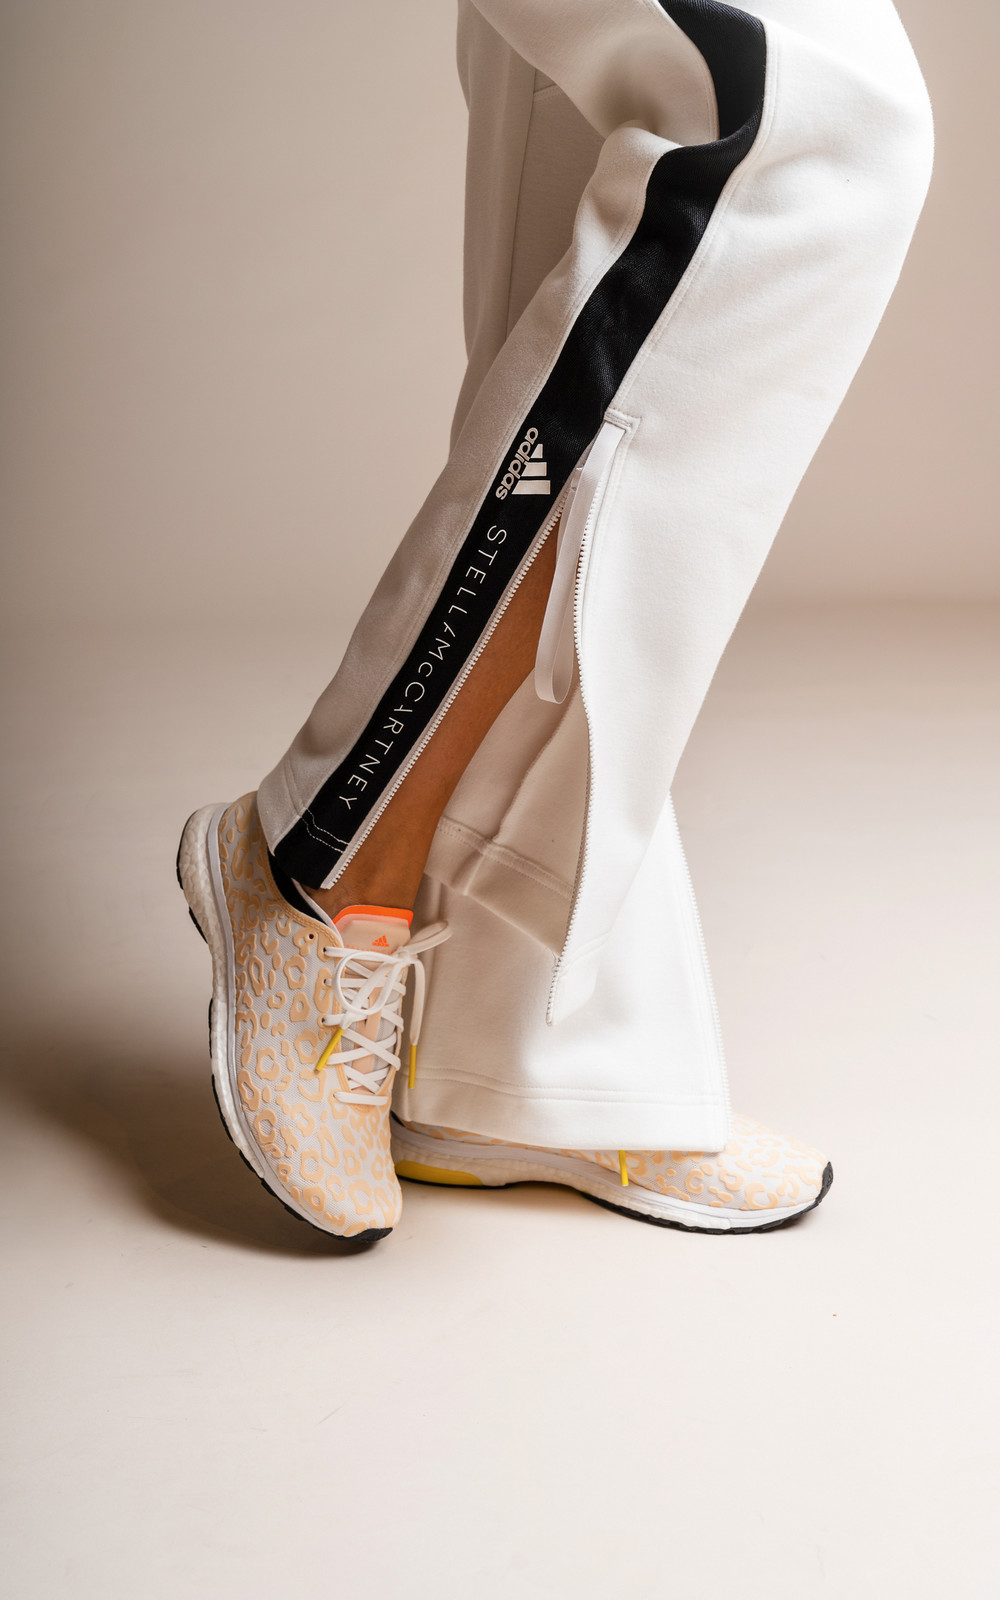 Adidas By Stella Adizero adios  S G28322